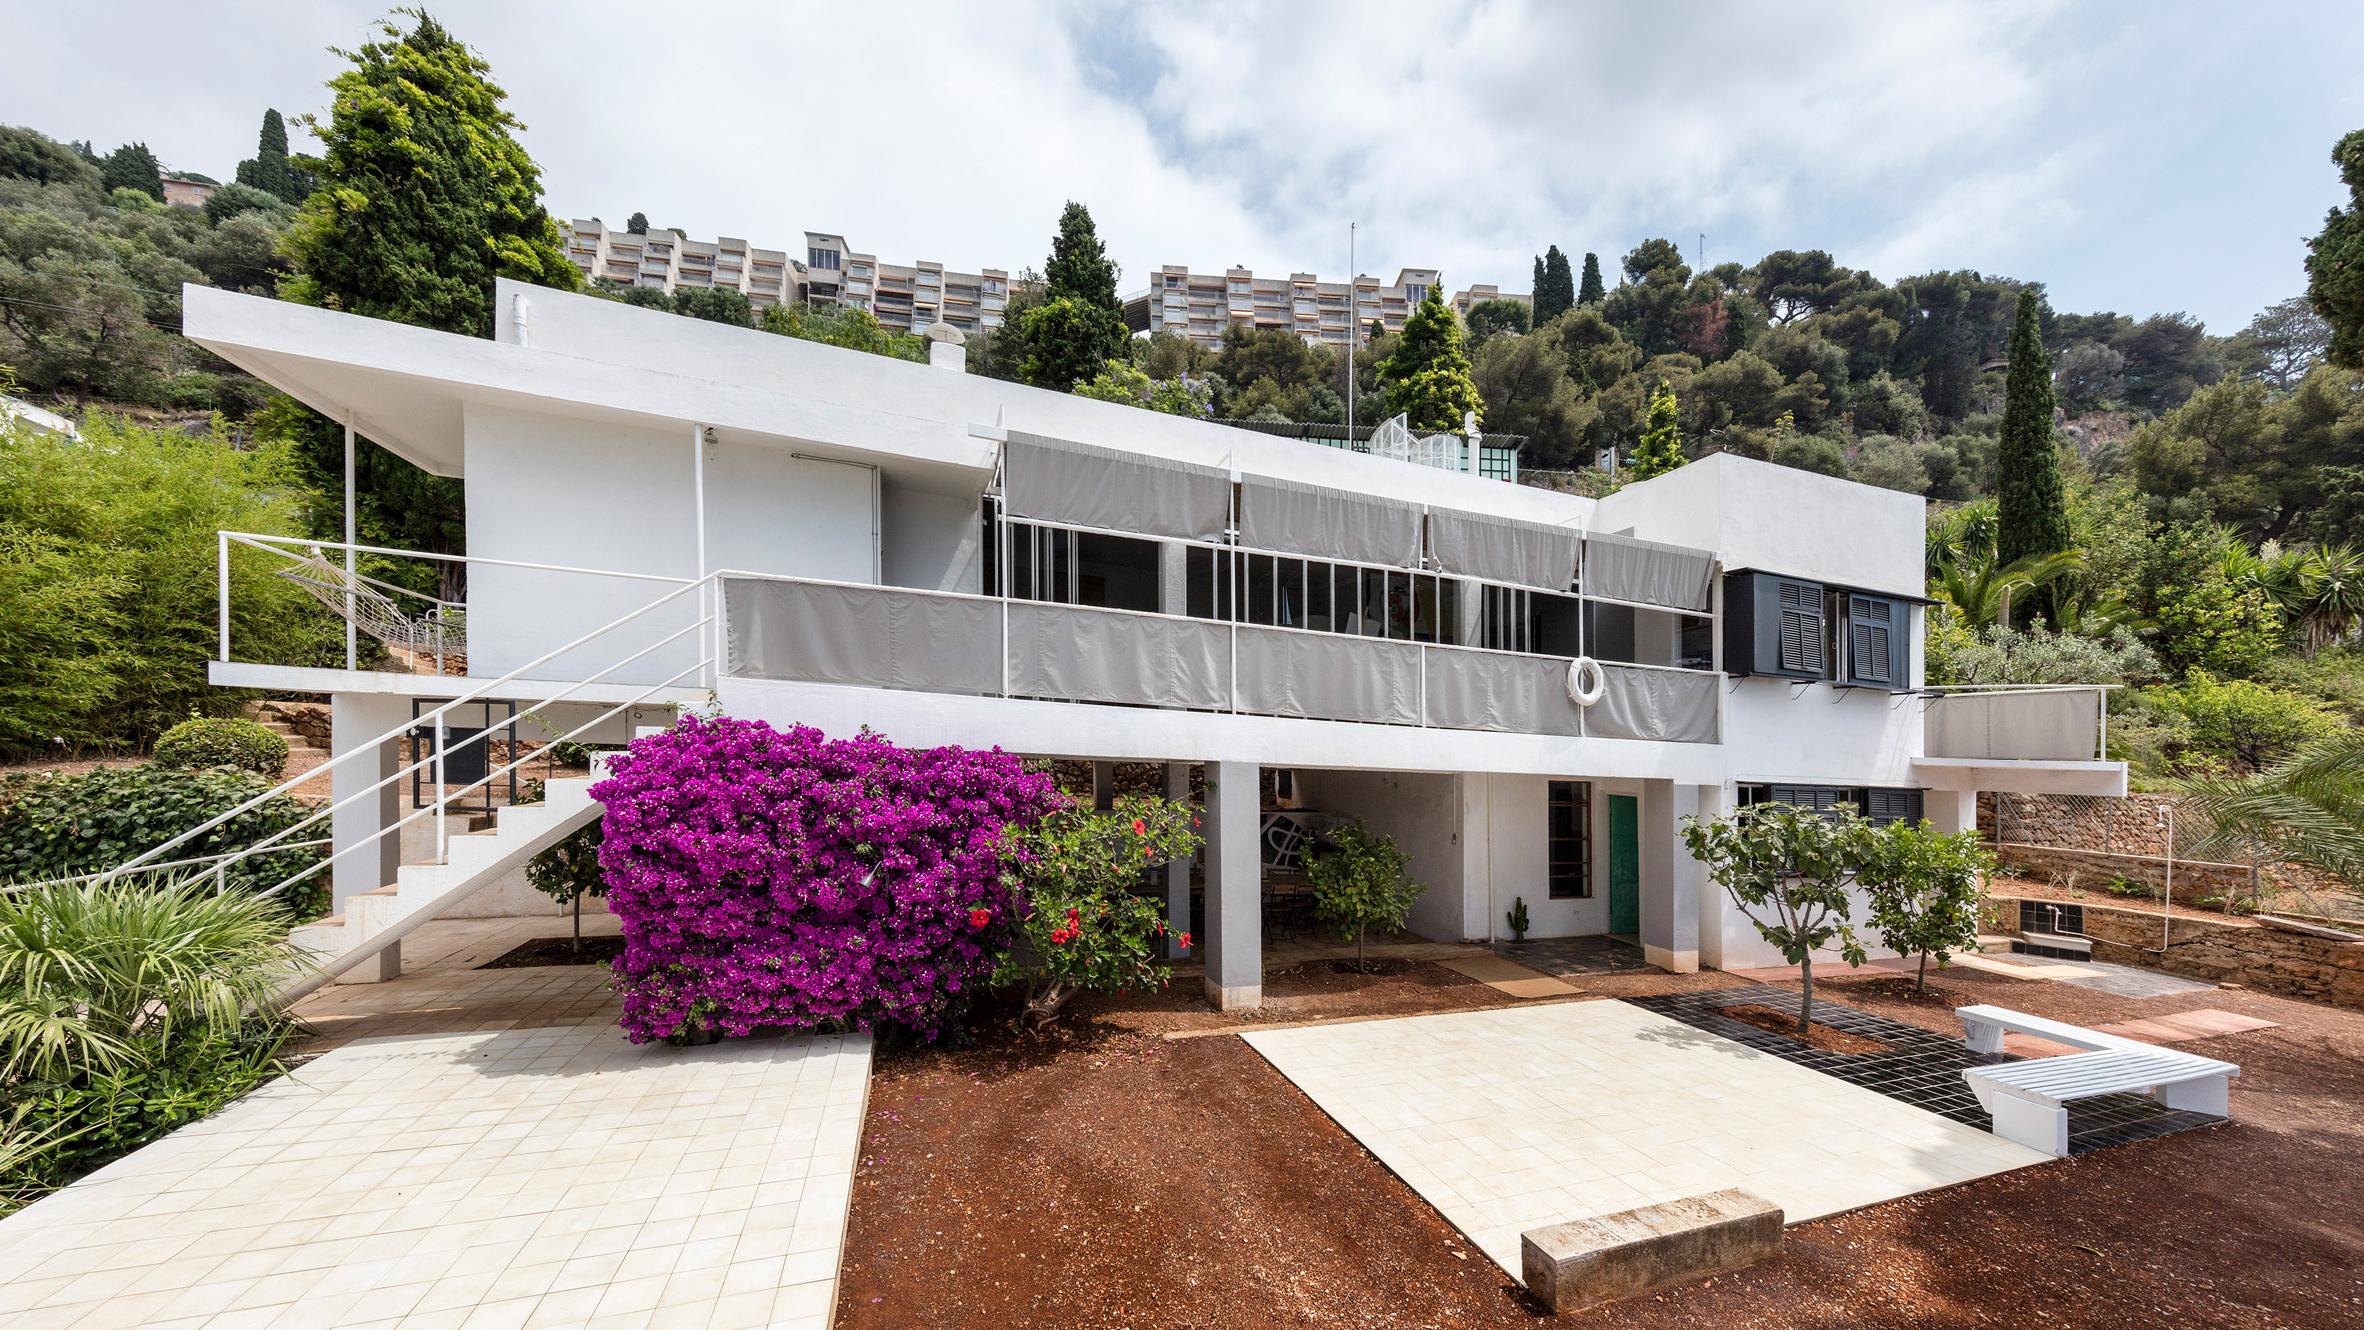 Eileen Gray's modernist E-1027 villa revealed in ...